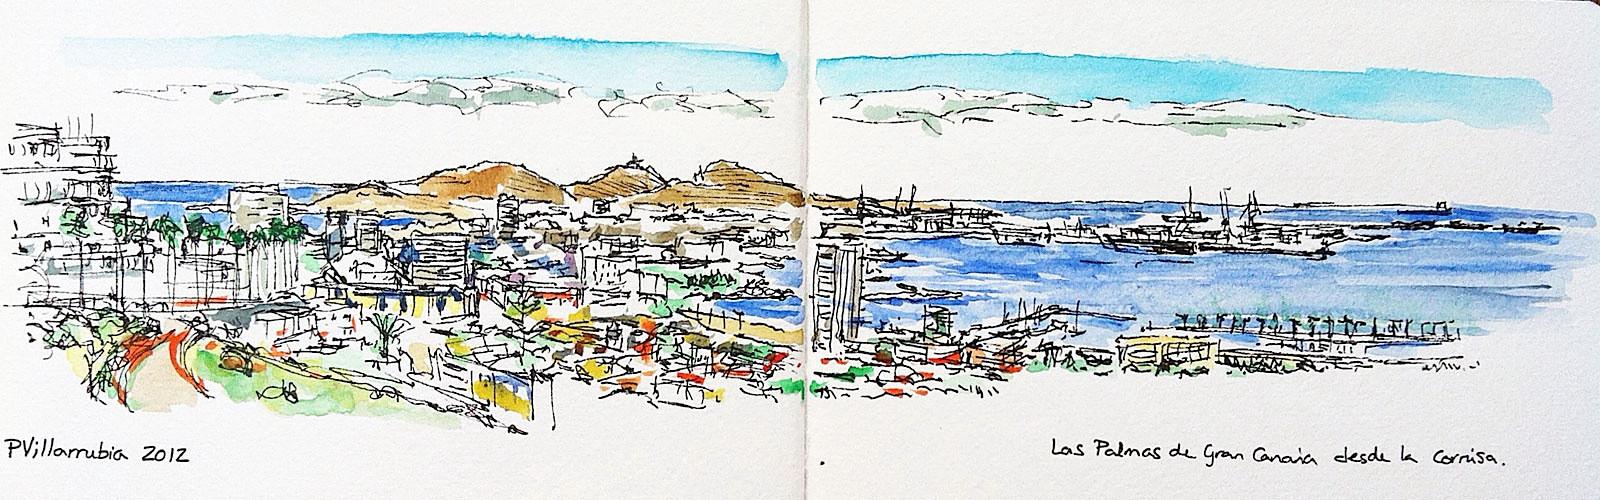 Las Palmas de Gran Canaria from La Cornisa